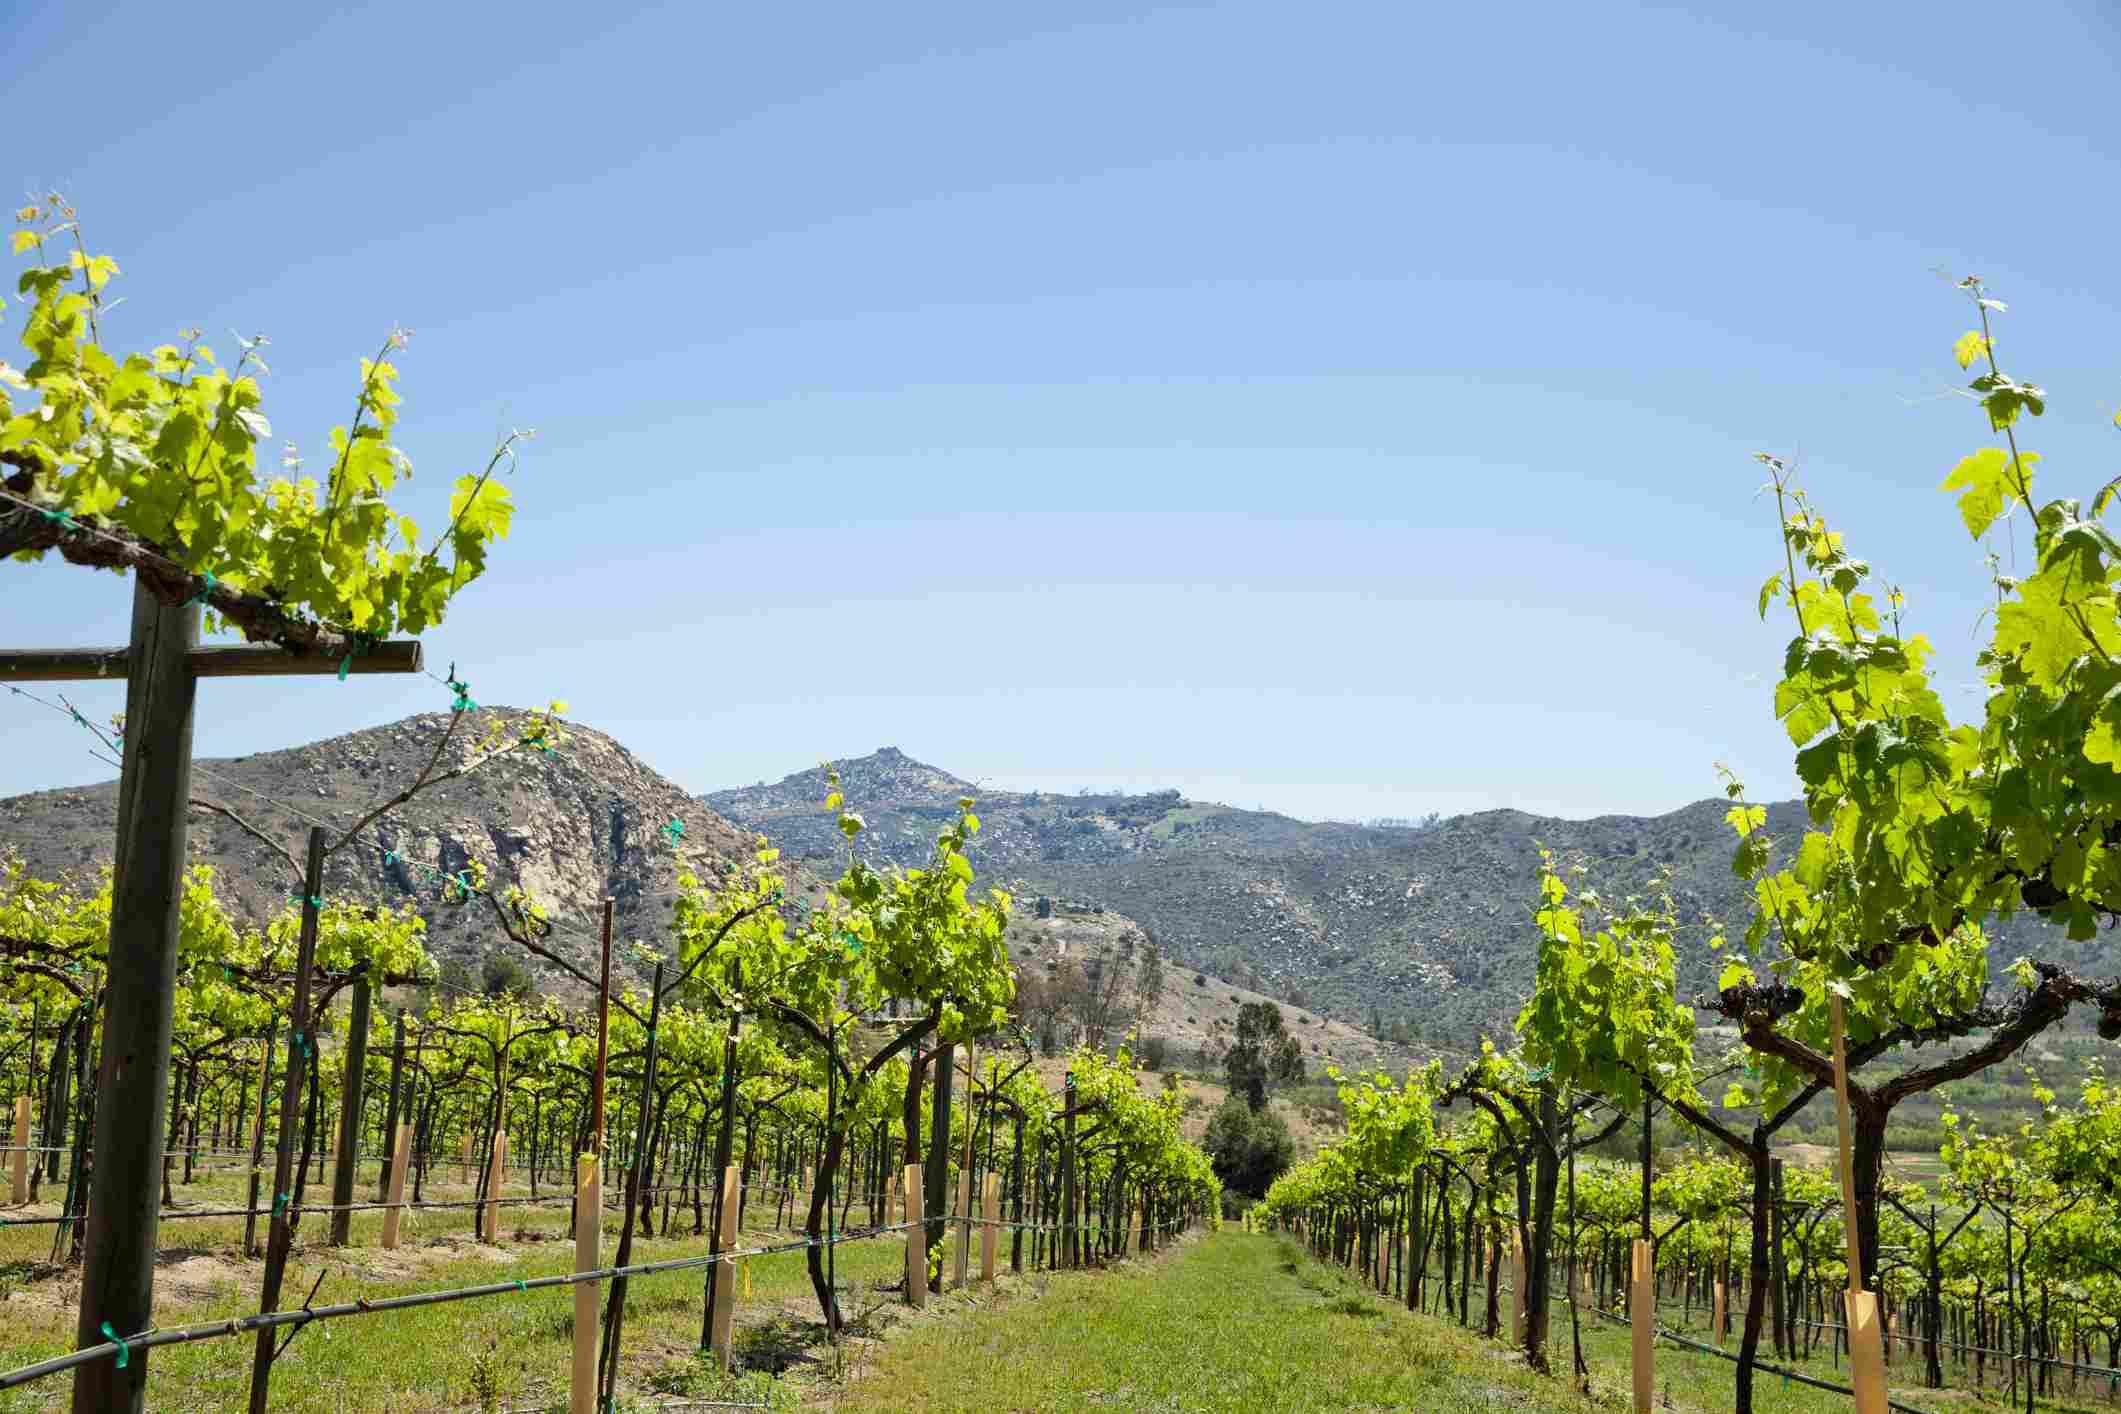 The Vineyard at Escondido